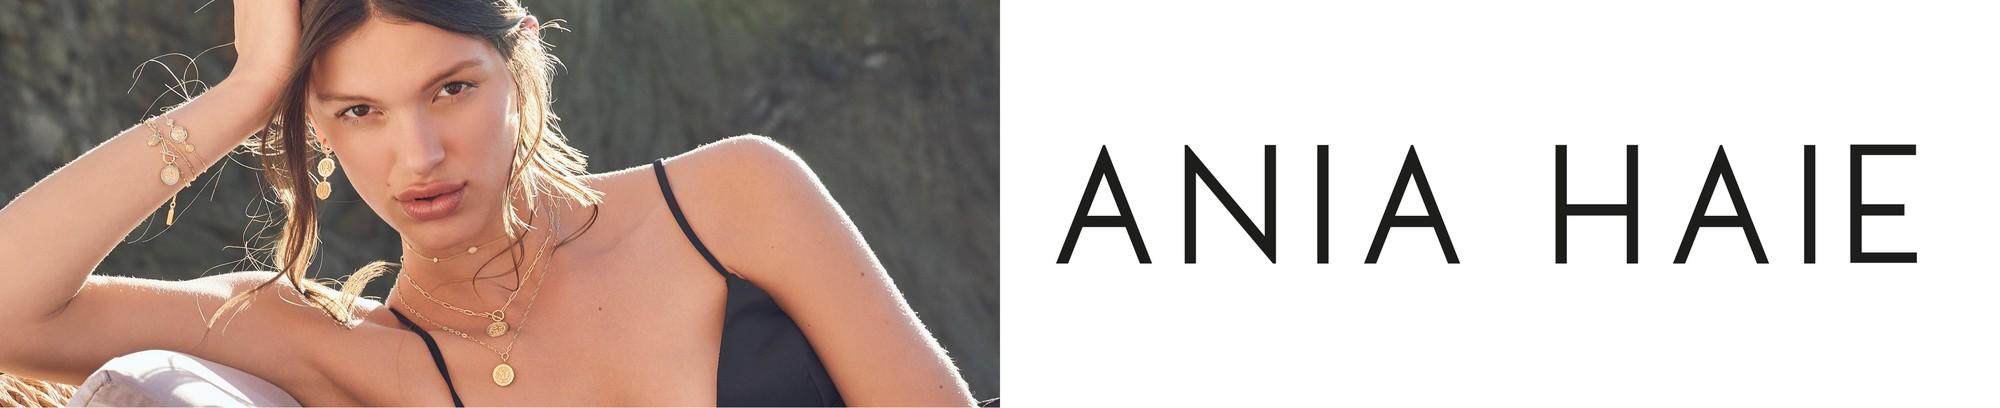 Ania Haie oorbellen